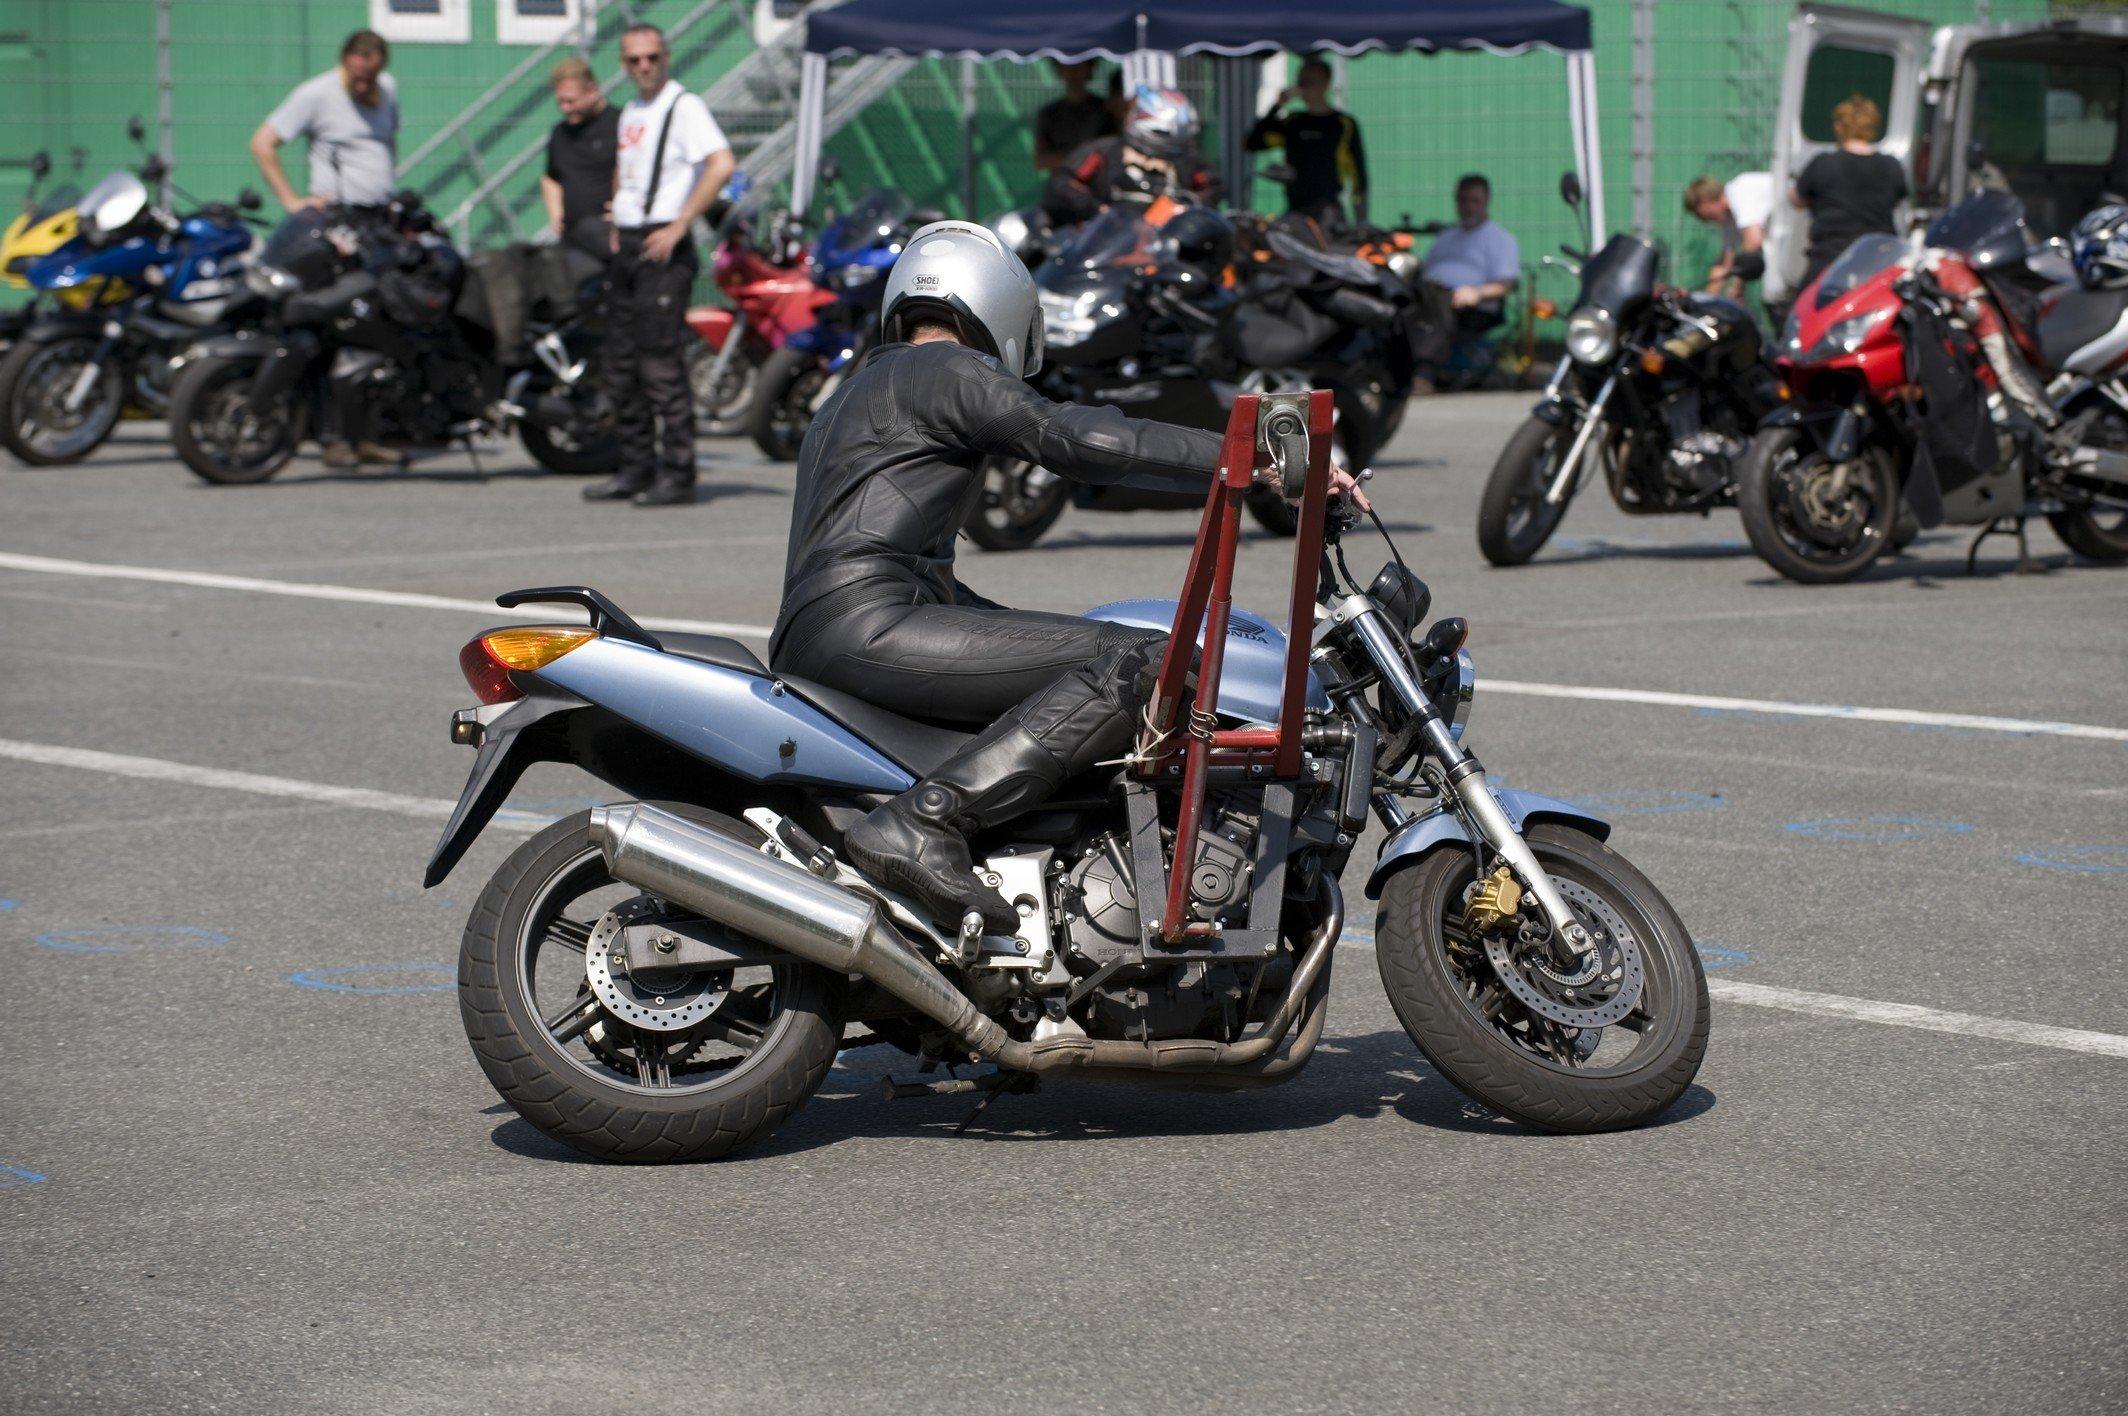 Motorrad-Sicherheitstraining-Schraeglagentraining-015